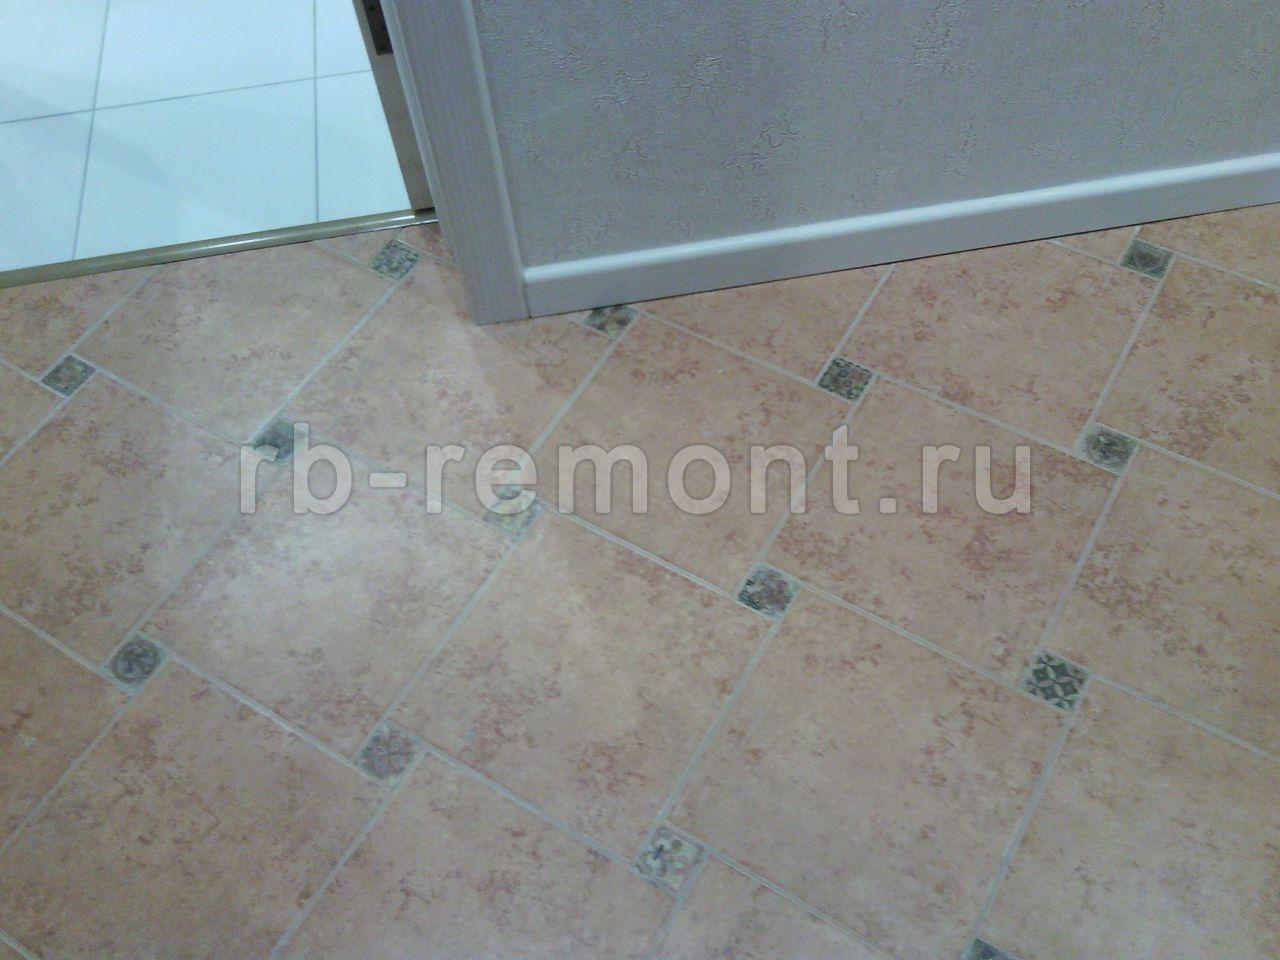 http://www.rb-remont.ru/raboty/photo_/komsomolskaya-125.1-00/img/img_20150709_121252.jpg (бол.)